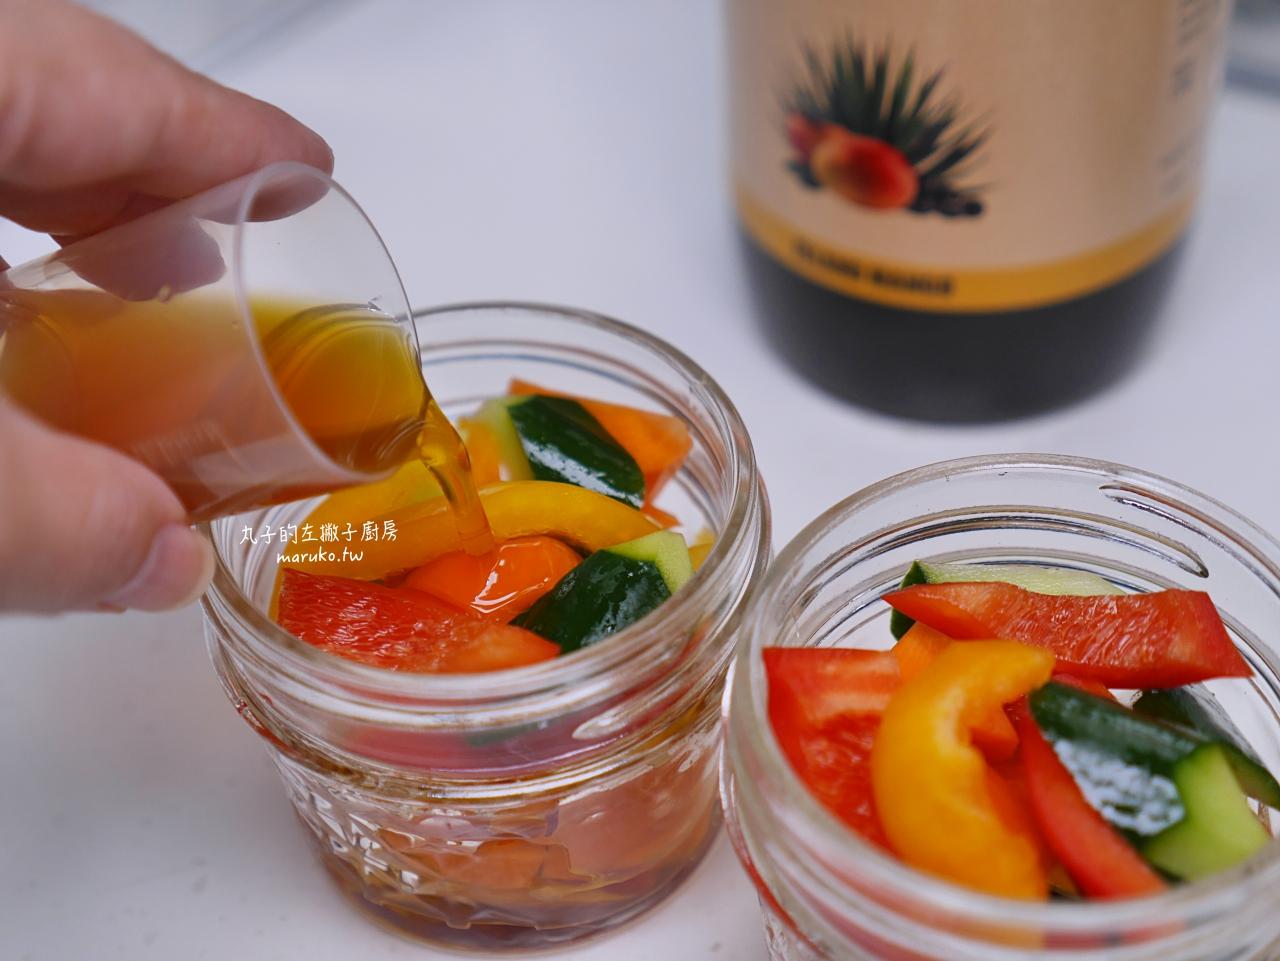 【食譜】極粹康普酵飲/搭餐入菜二種清爽無法單夏日甜點(日式蕨餅糰子/桑椹莓果氣泡飲) @Maruko與美食有個約會